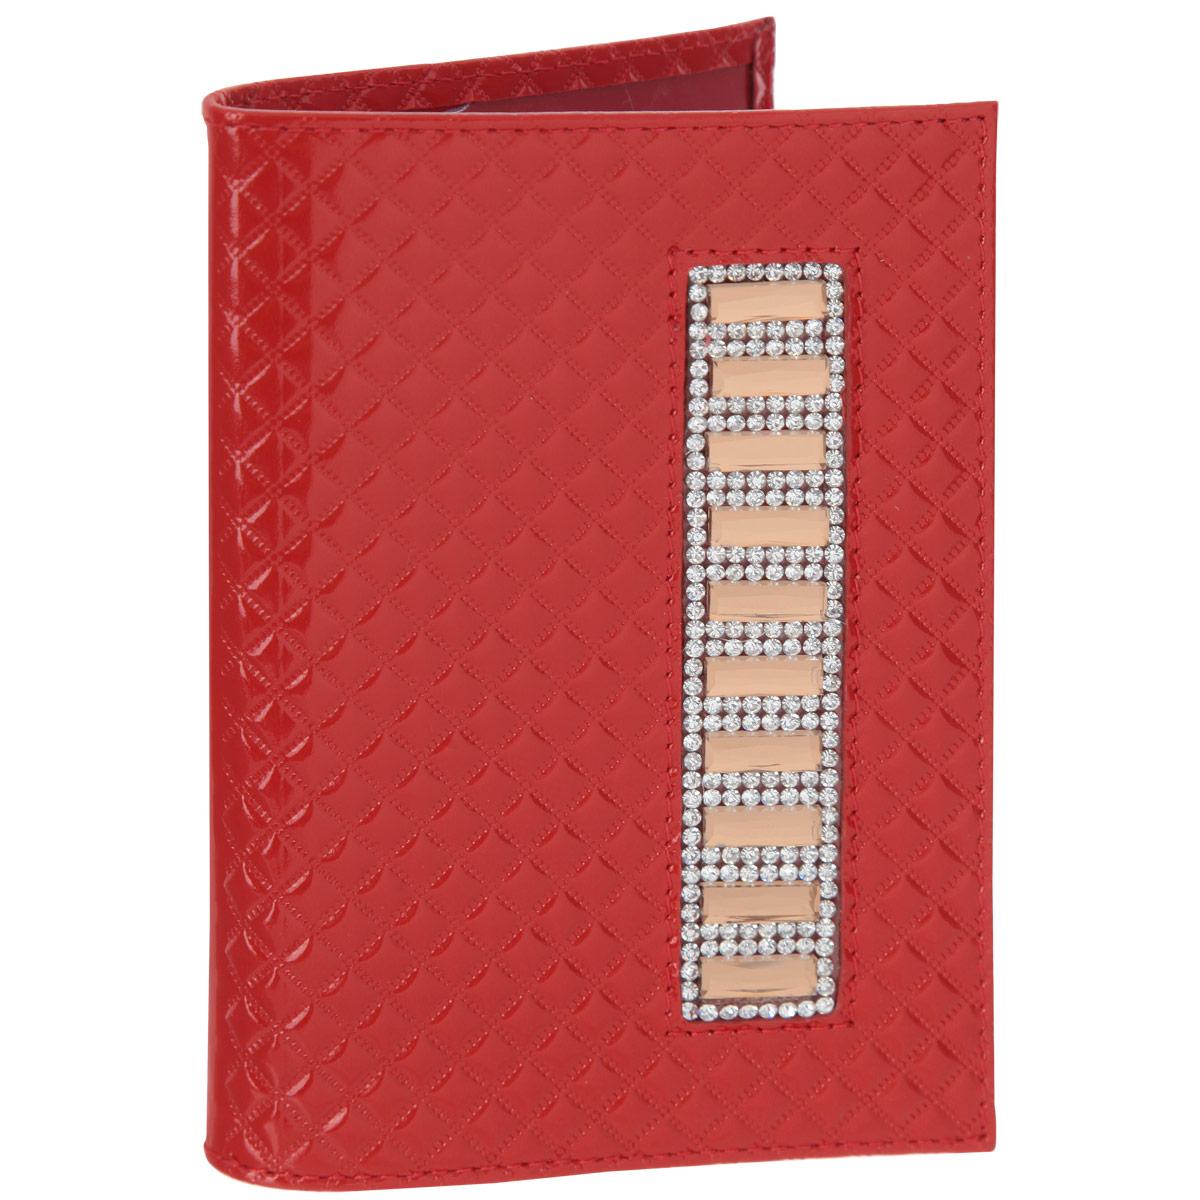 Обложка для паспорта женская Dimanche Shine, цвет: красный. 554Натуральная кожаОбложка для паспорта Dimanche Shine выполнена из натуральной кожи, декорирована фактурным тиснением и полоской из крупных и мелких страз. В изготовлении этого изделия использованы высококачественные стразы. Они были изготовлены в Египте, а идеальную форму и блеск им придали в Италии. Обложка на подкладке с пластиковыми клапанами. Обложка не только поможет сохранить внешний вид ваших документов и защитить их от повреждений, но и станет стильным аксессуаром, идеально подходящим вашему образу.Обложка для паспорта стильного дизайна может быть достойным и оригинальным подарком.